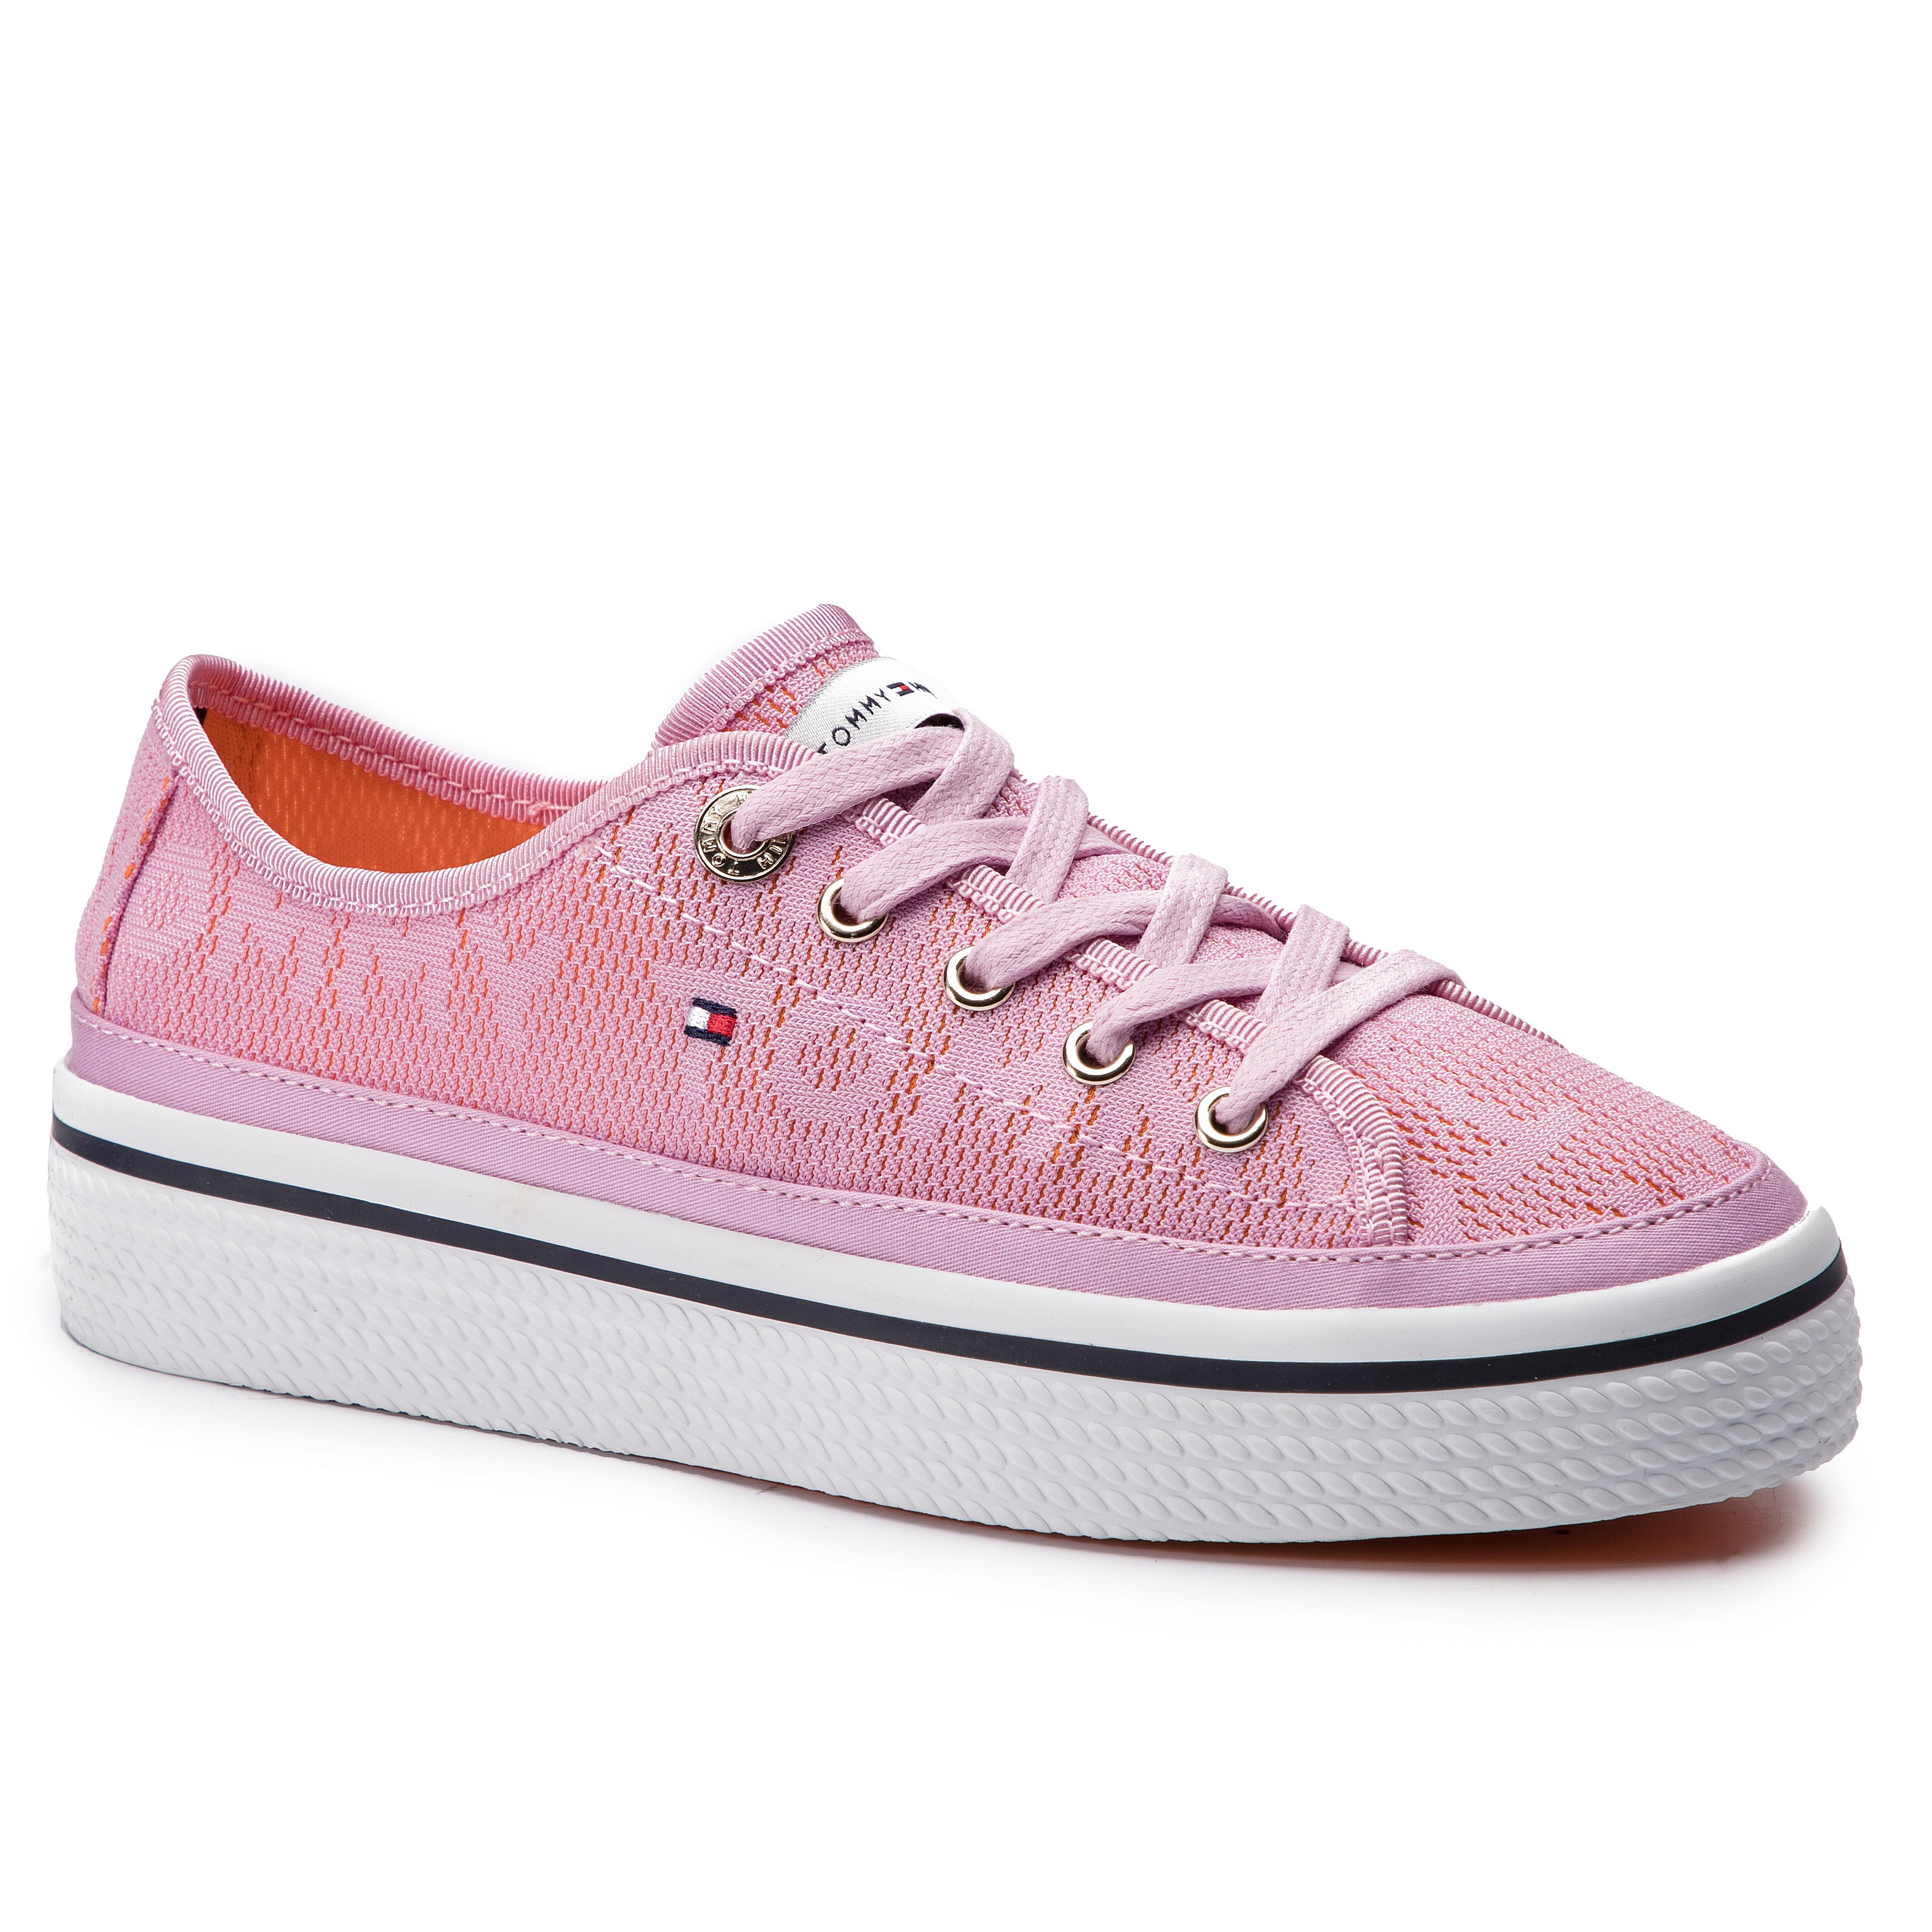 8169ef0ffc ... TOMMY HILFIGER - Jacquard Flatform Sneaker FW0FW04071 Pink Lavender  518. -8%. Tenisky ...